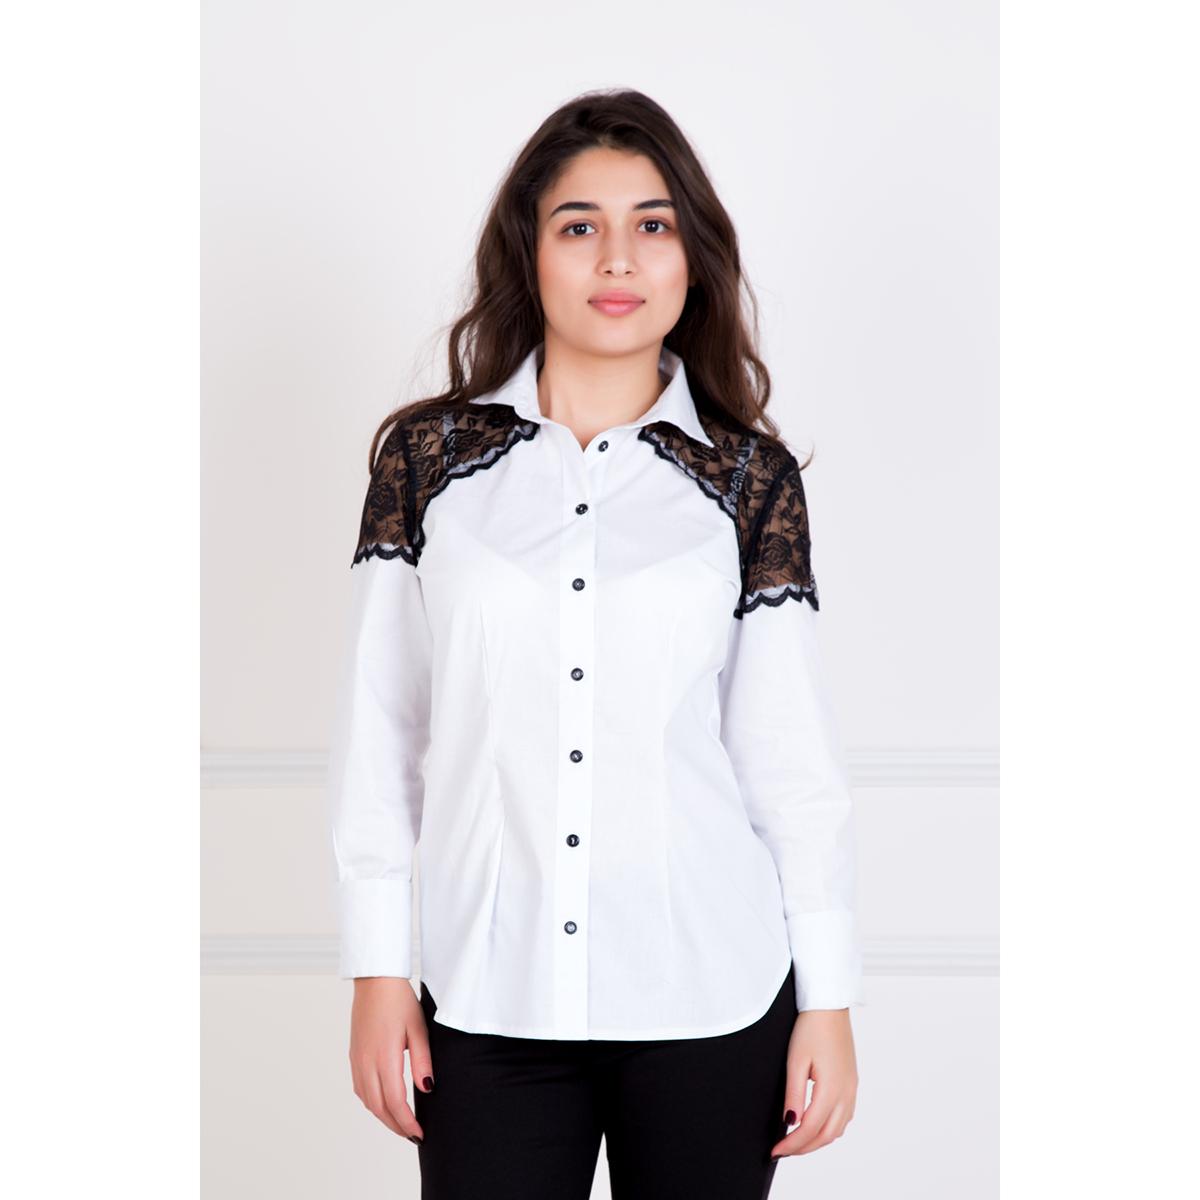 """Женская рубашка """"Инь"""", размер 52 Лика Дресс"""